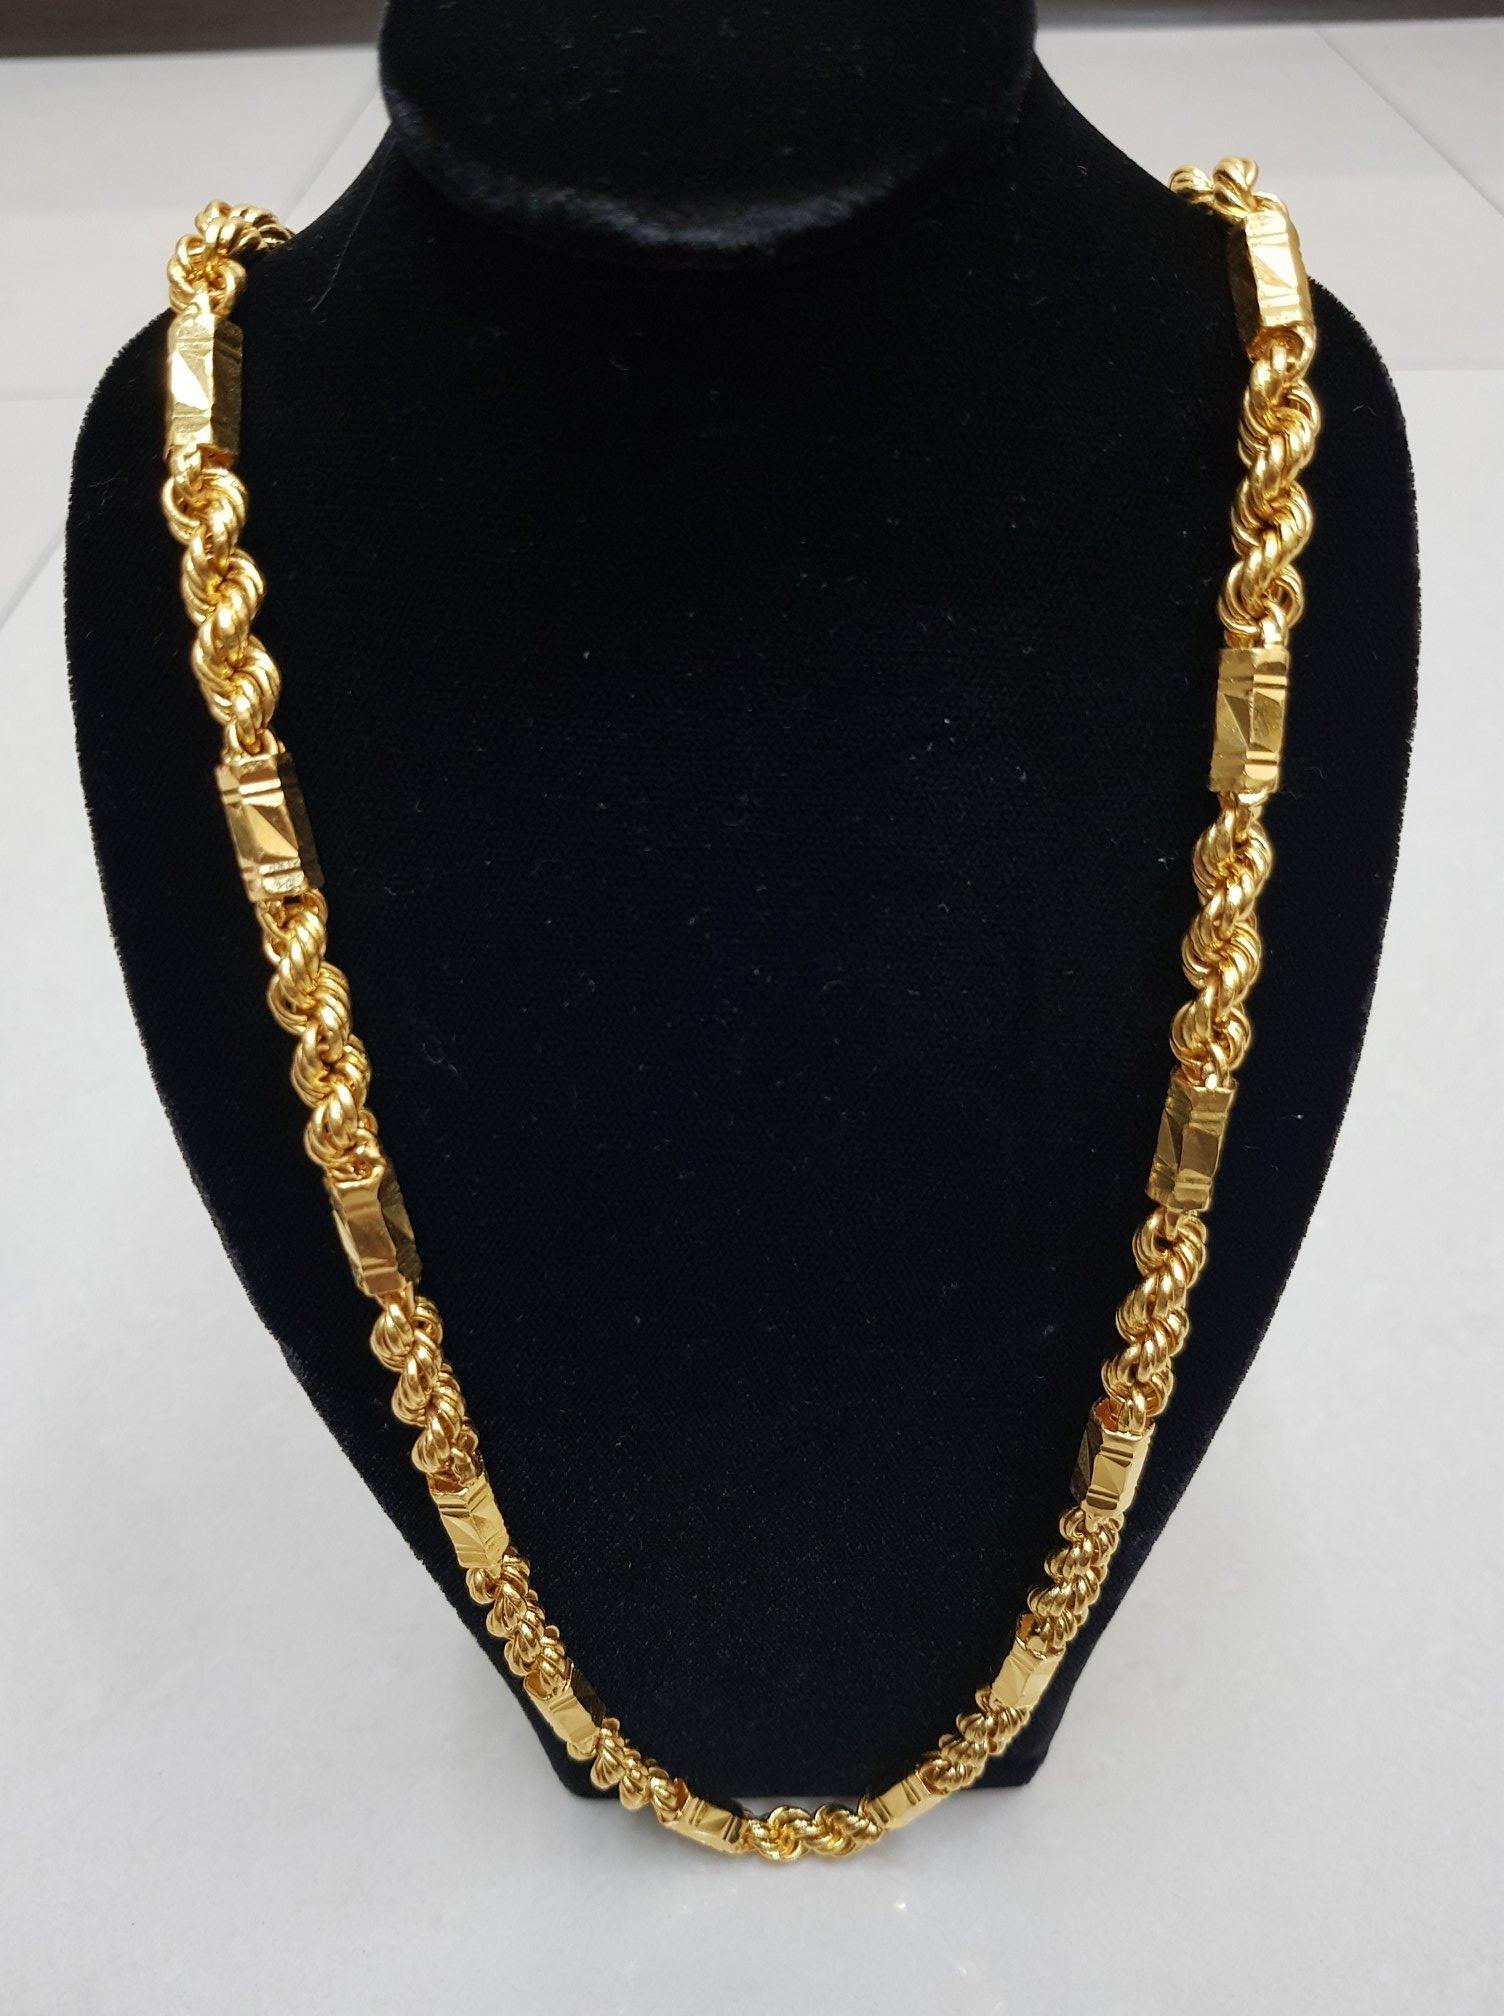 六角麻花黃金項鍊,難以掩蓋的華麗